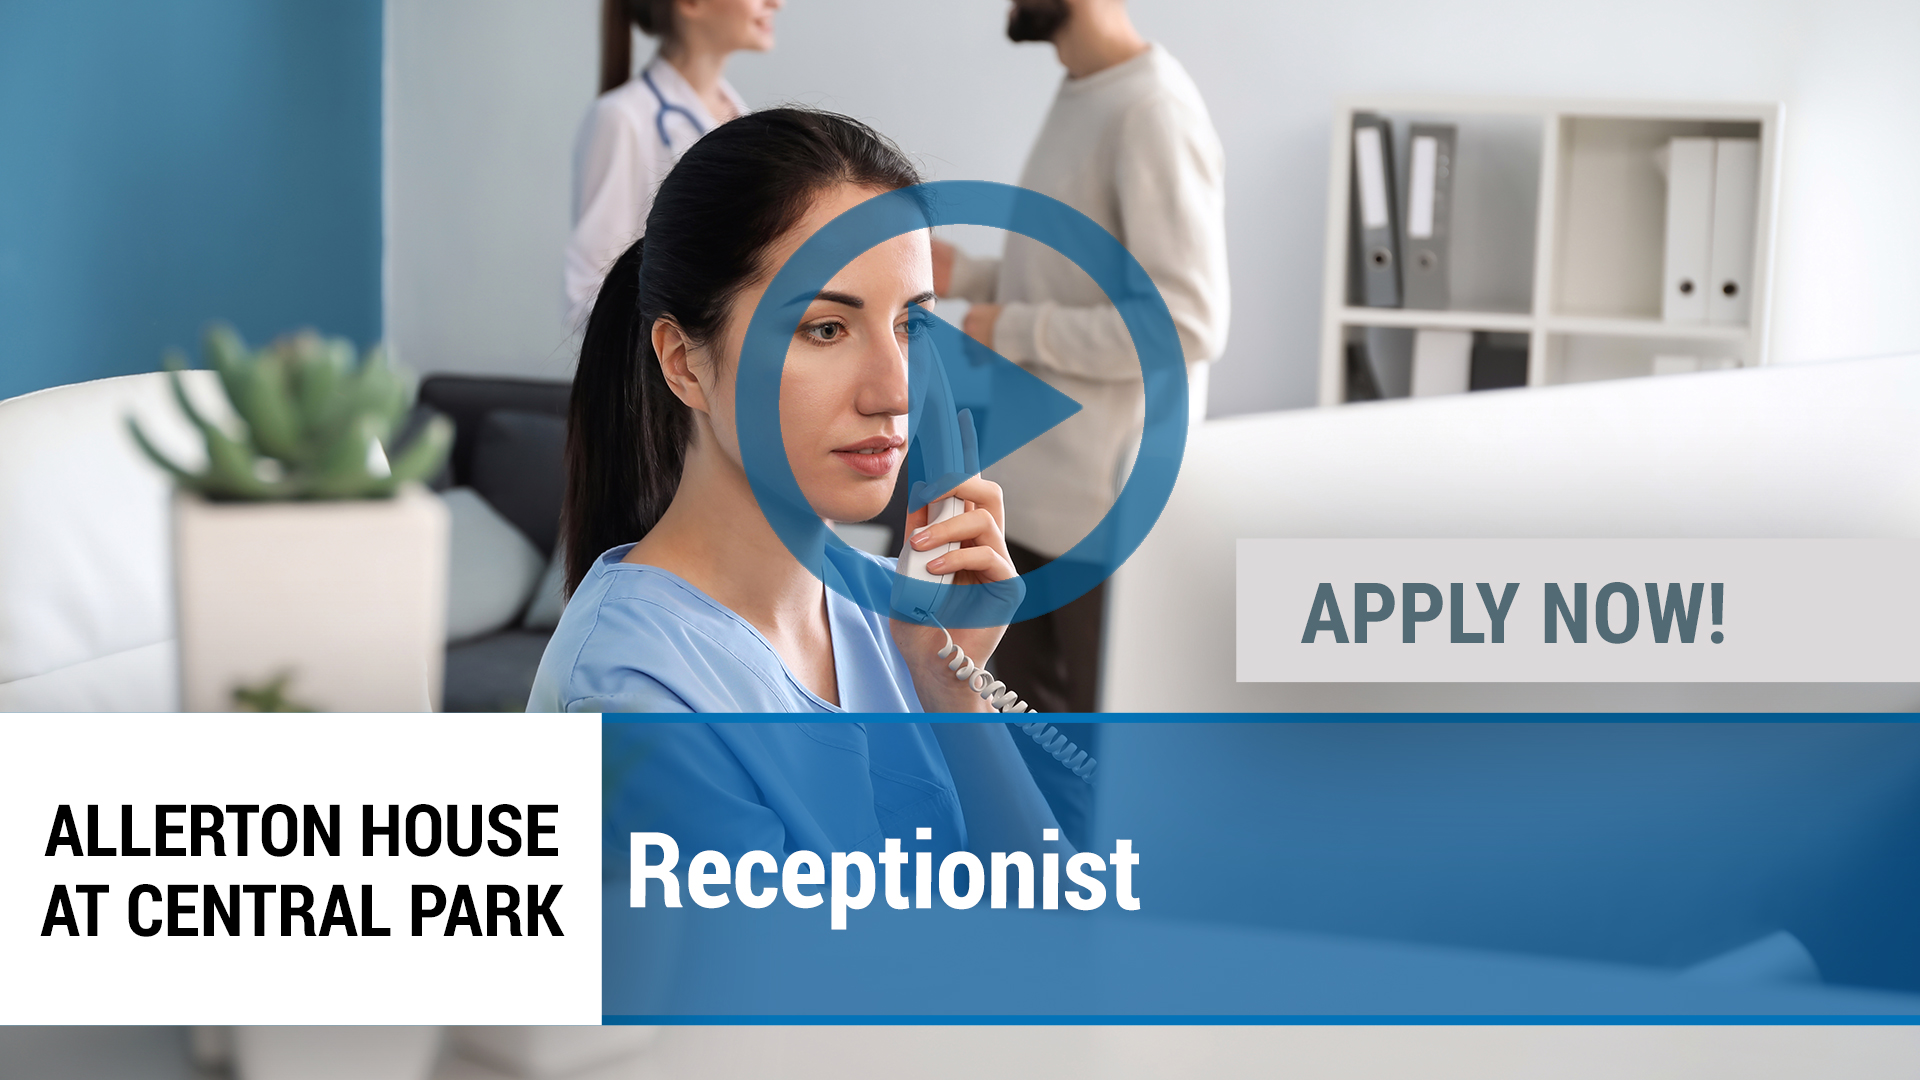 Top Job Postings & Career Search: Fall River, MA